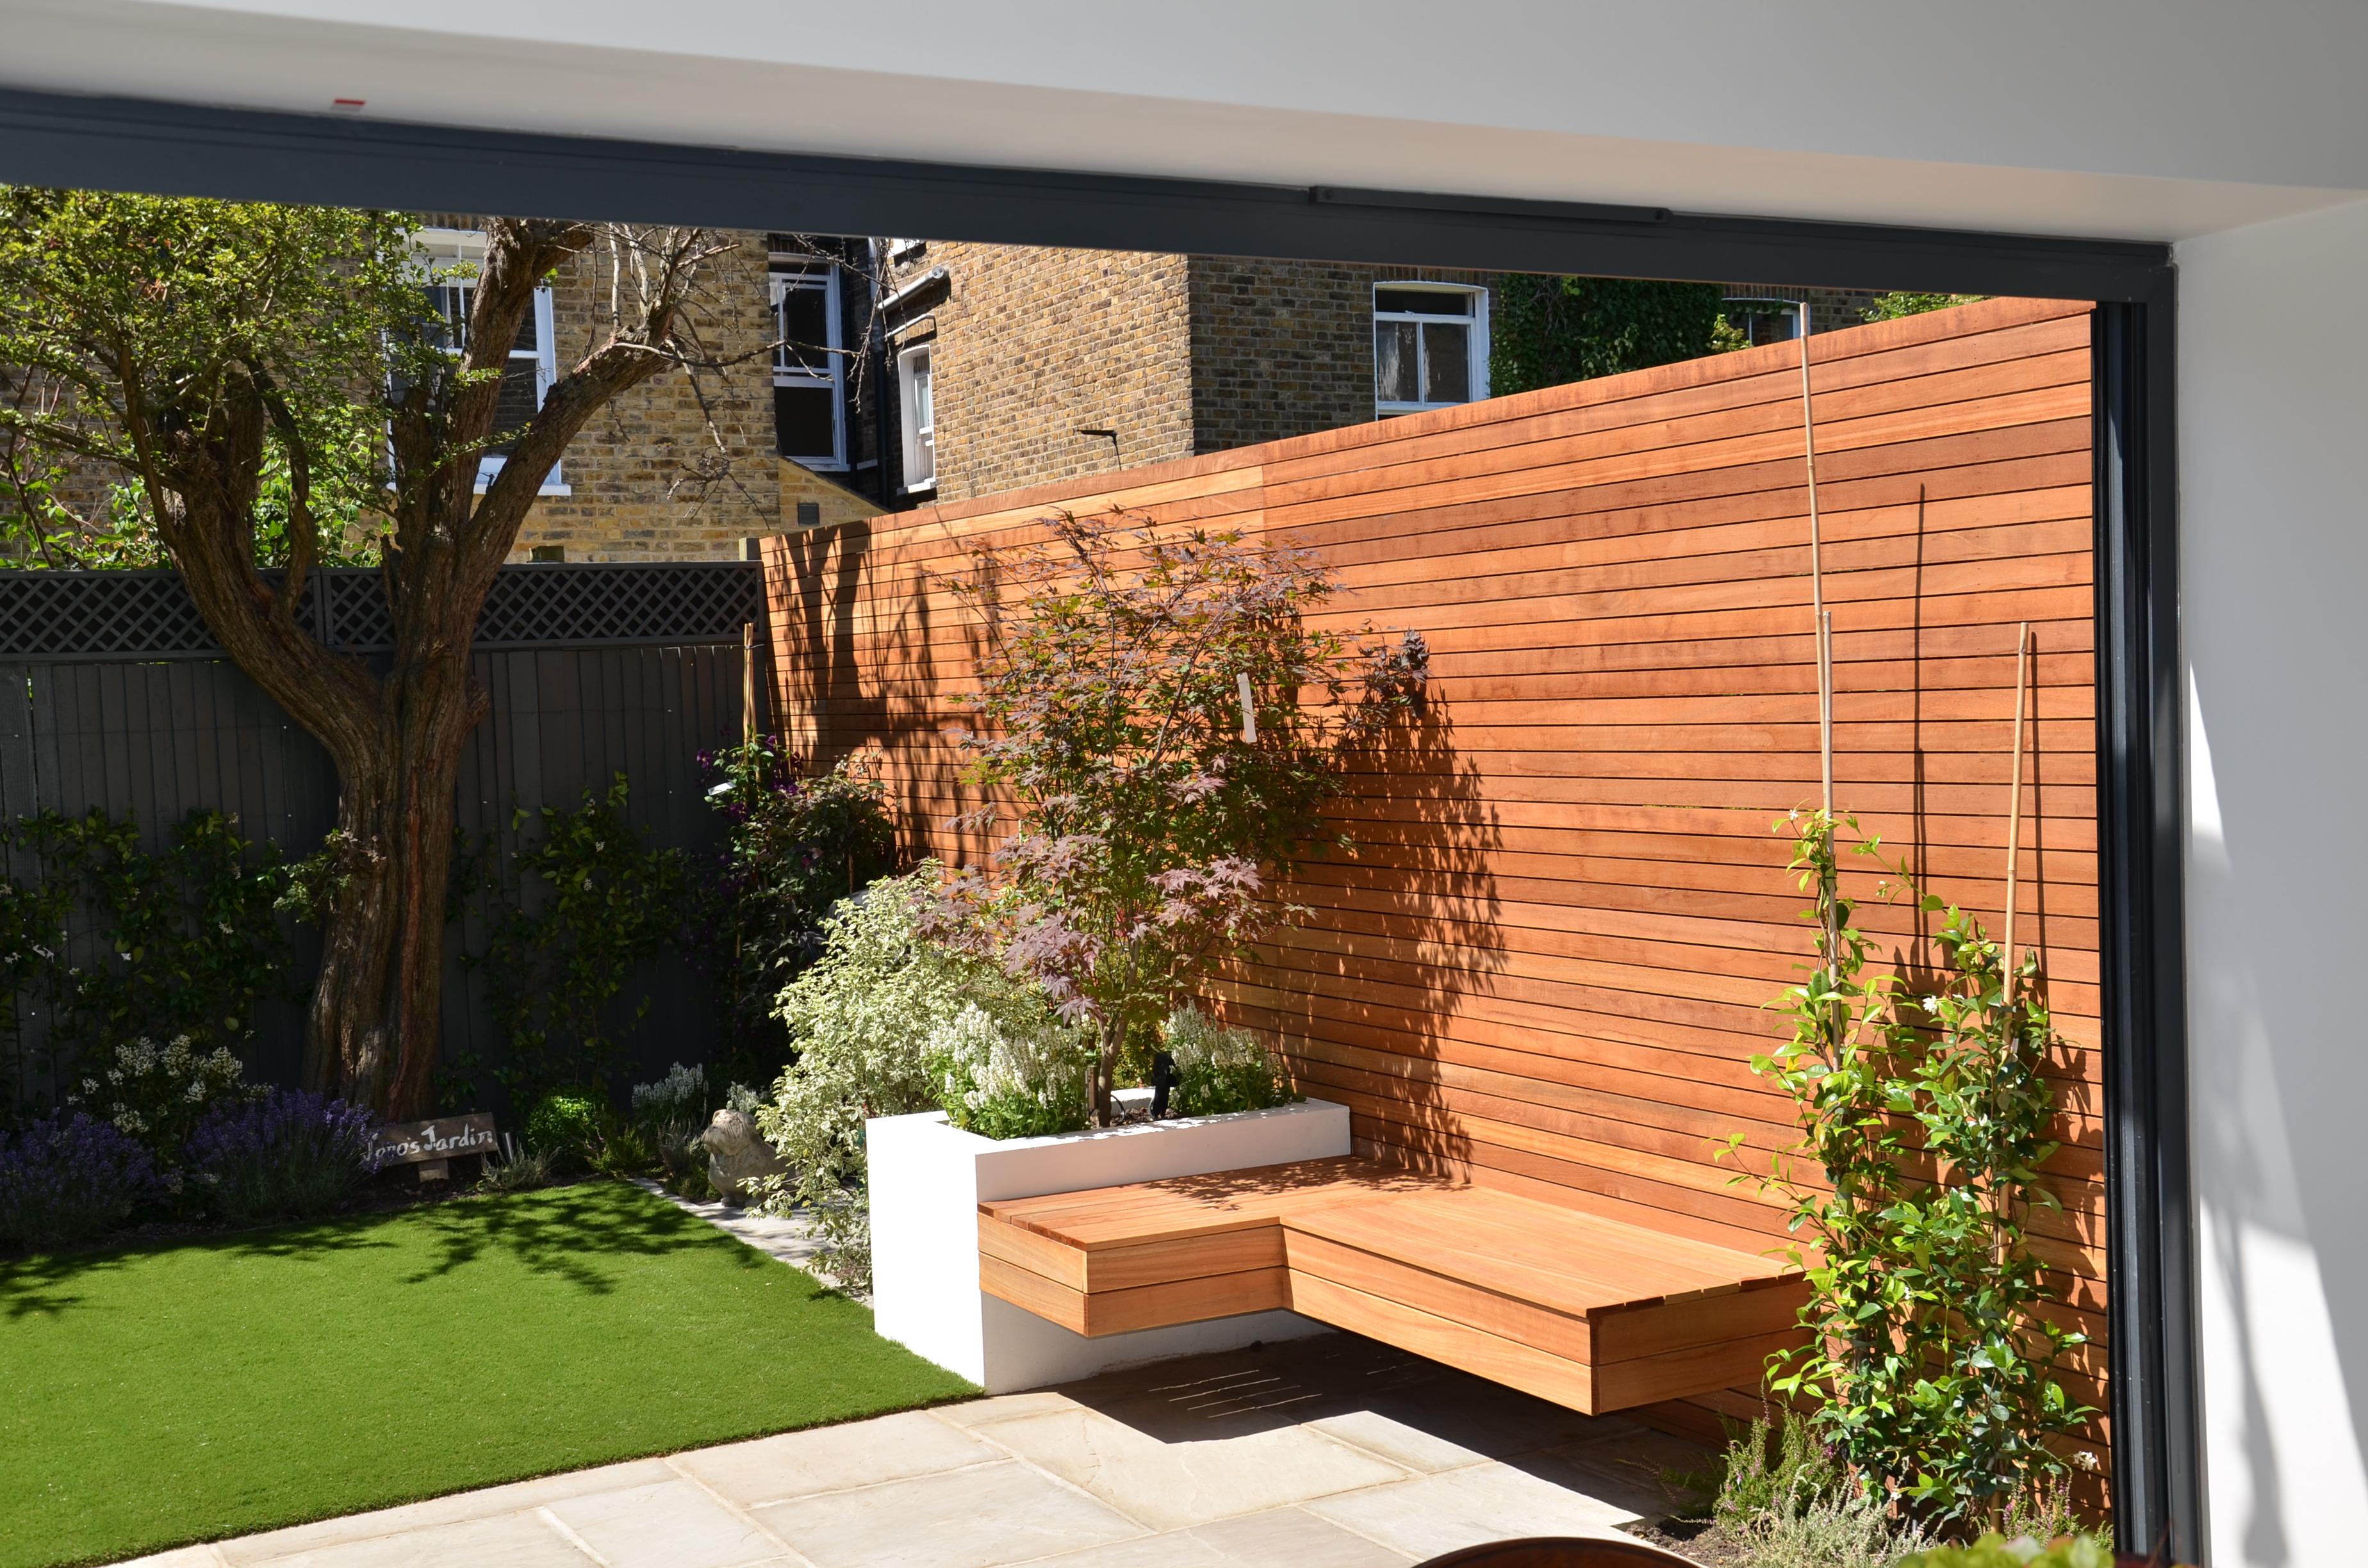 50 Garden Design Ideas Near Me Pics In 2021 Garden Design Garden Design Pictures Garden Formal backyard garden design ideas